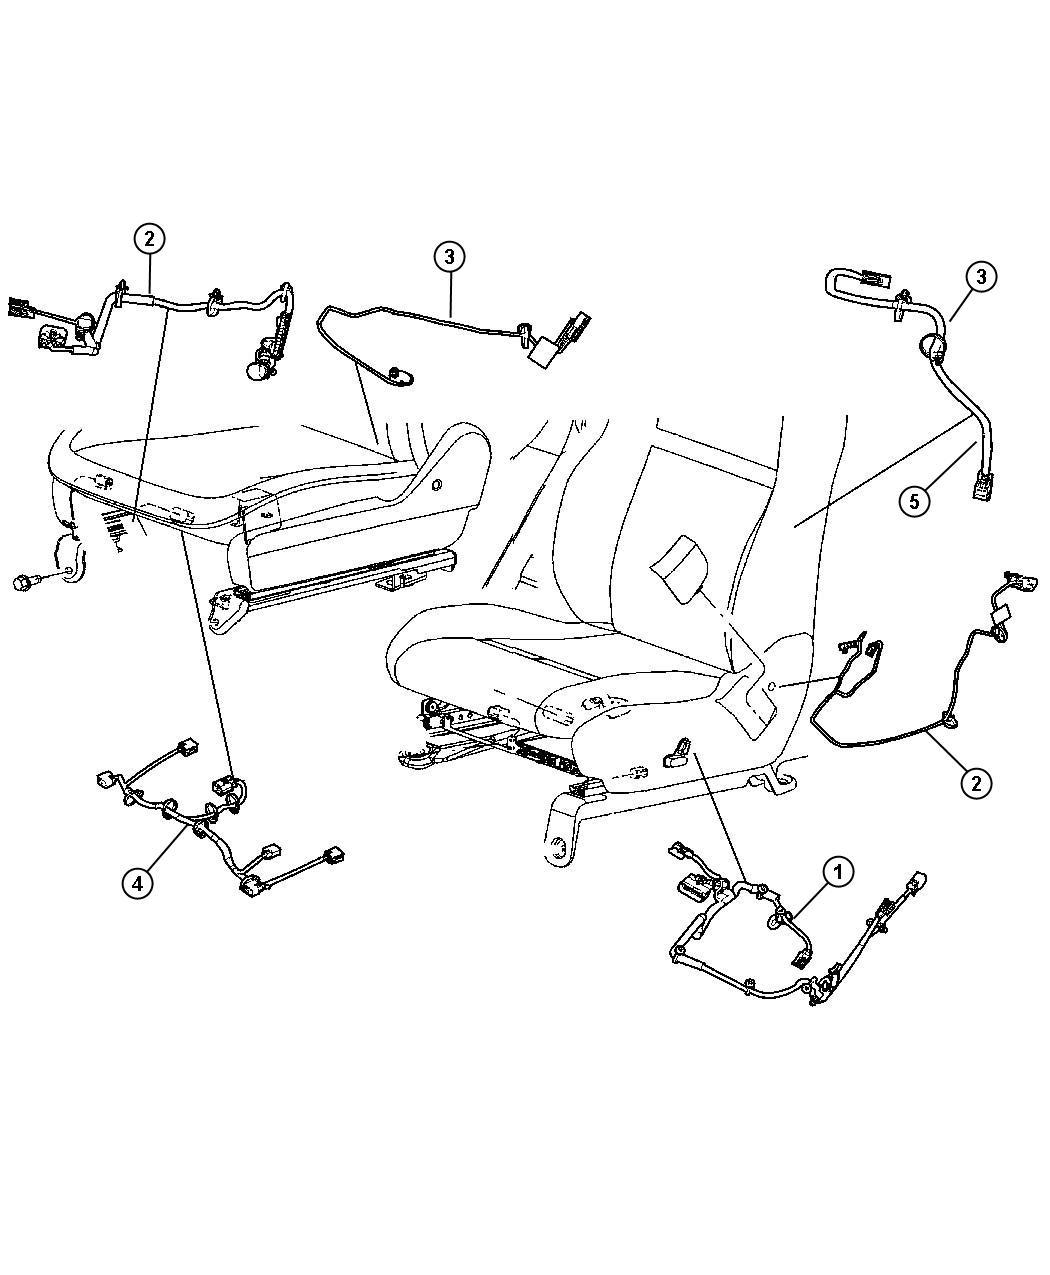 2010 Chrysler Sebring Wiring  Seat  6 Way Power  Track